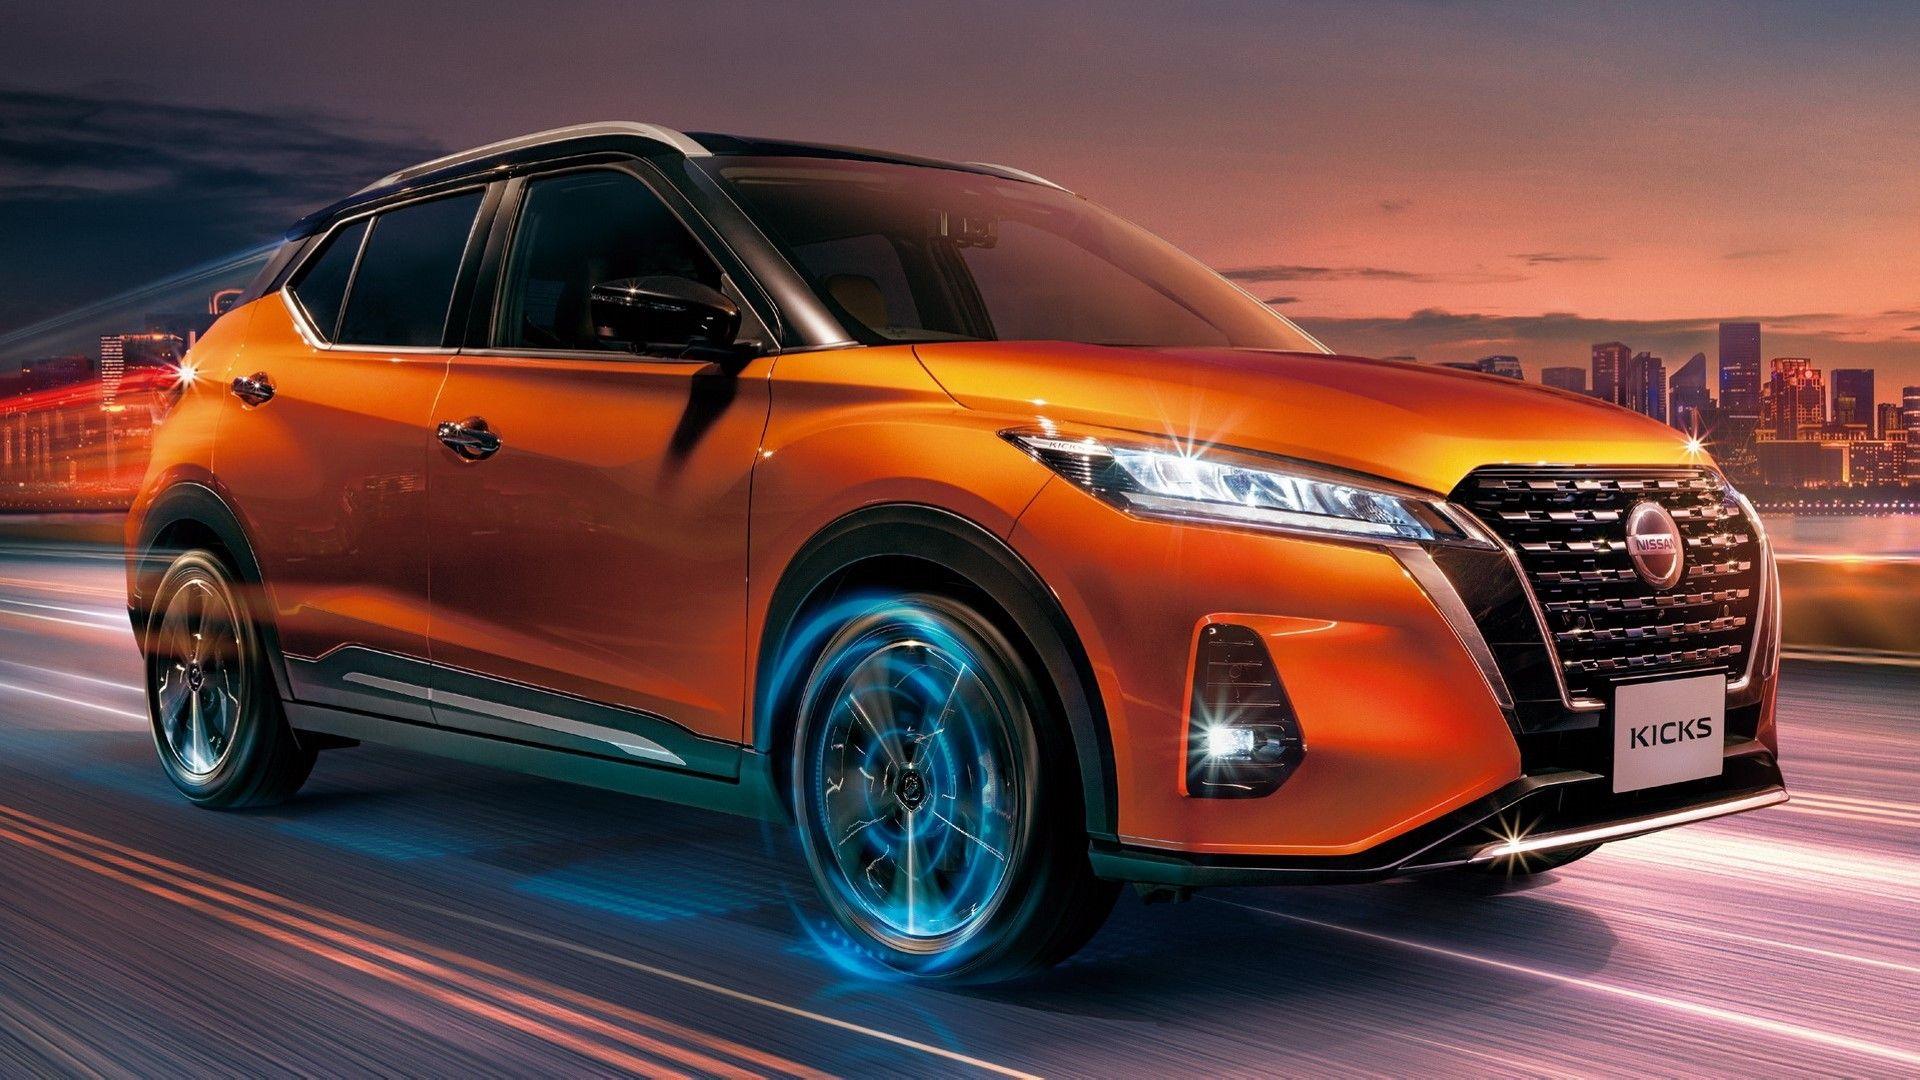 El Nissan Kicks sale a la venta… en Japón